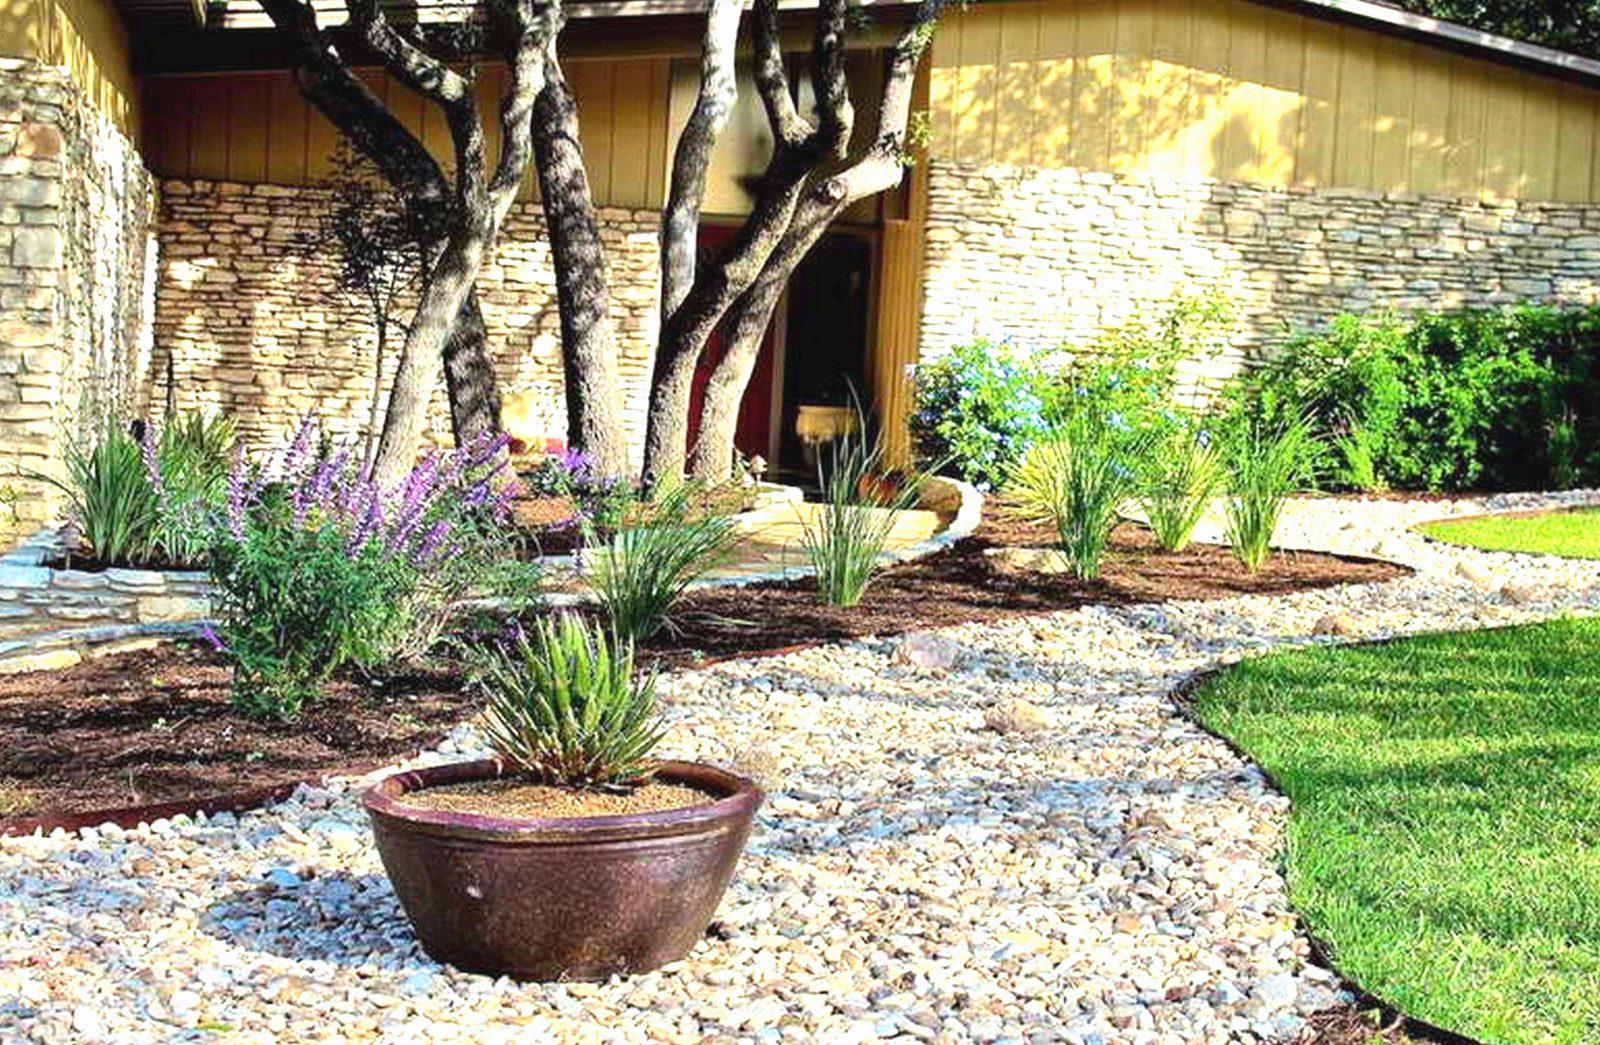 Kieselsteine Garten Bilder Genial Gartengestaltung Mit Kies Und Moos von Gartengestaltung Mit Steinen Und Kies Bilder Bild